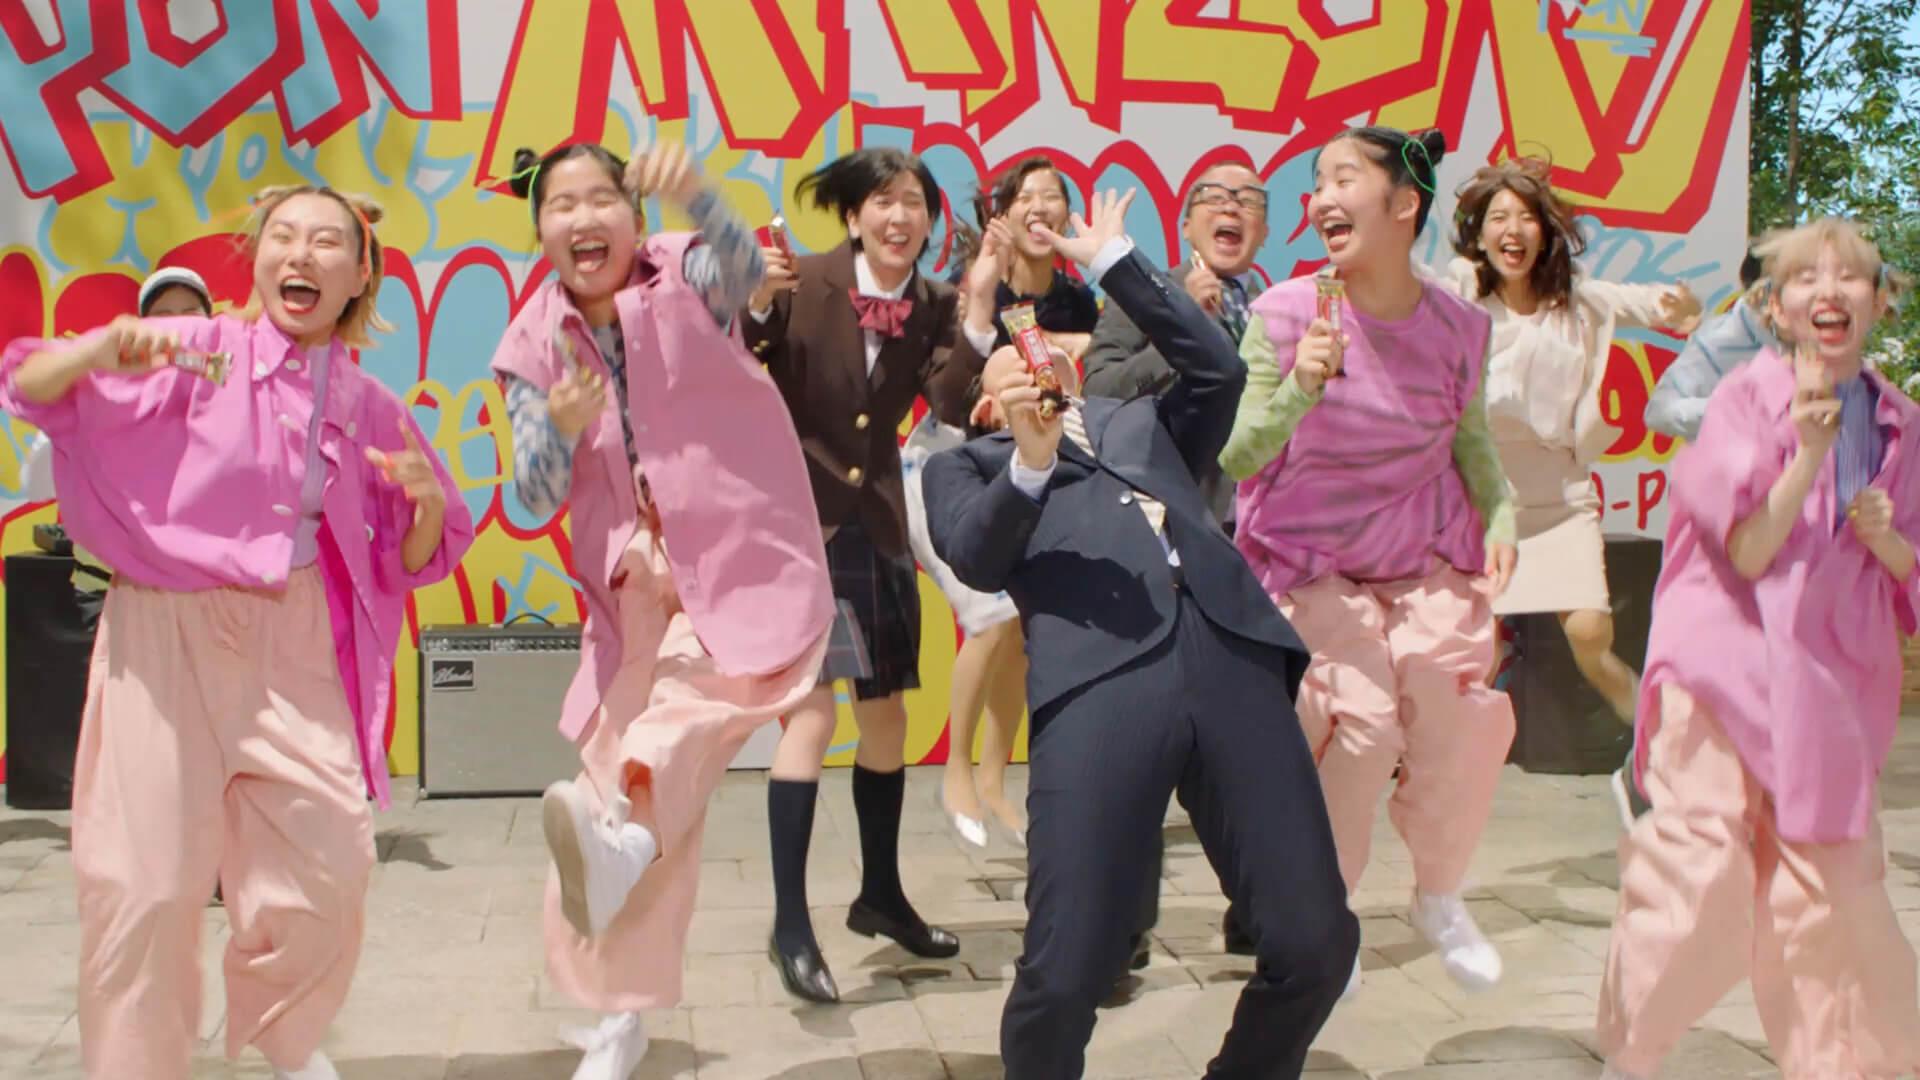 CHAIが草彅剛と共演!1本満足バーの新CM「ヤングも満足feat.CHAI」篇が公開|和気あいあいとしたメイキング動画も gourmet210114_chai_kusanagi_5